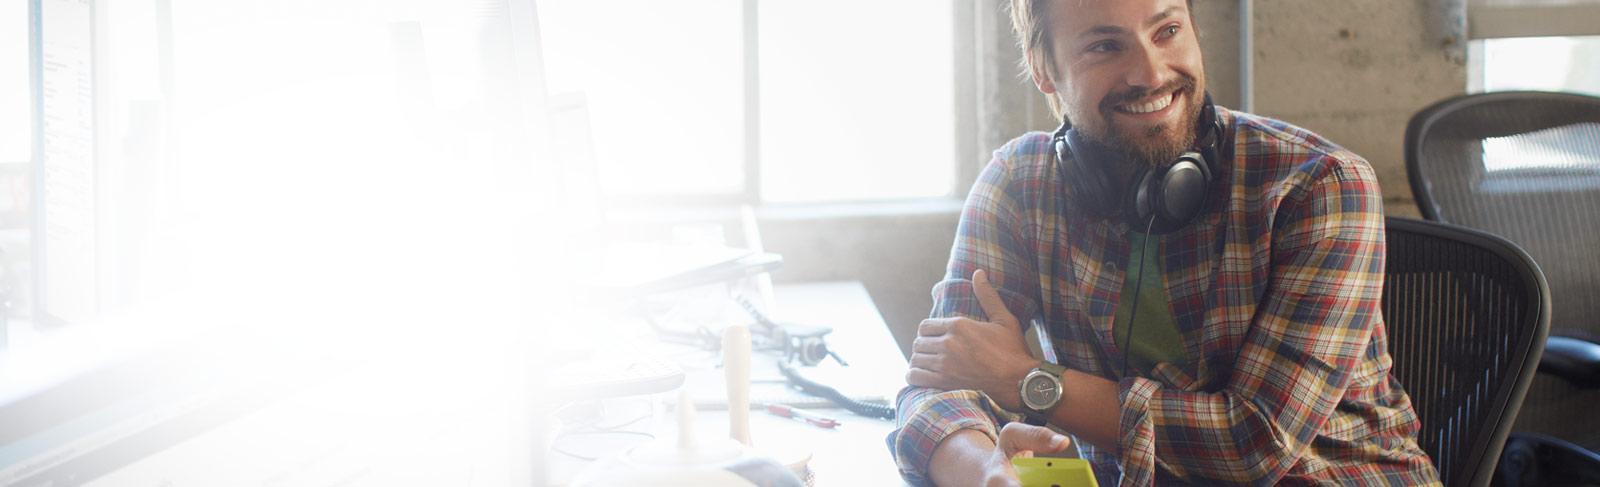 Un hombre sujeta el teléfono en su escritorio mientras usa Office 365 Enterprise E1.